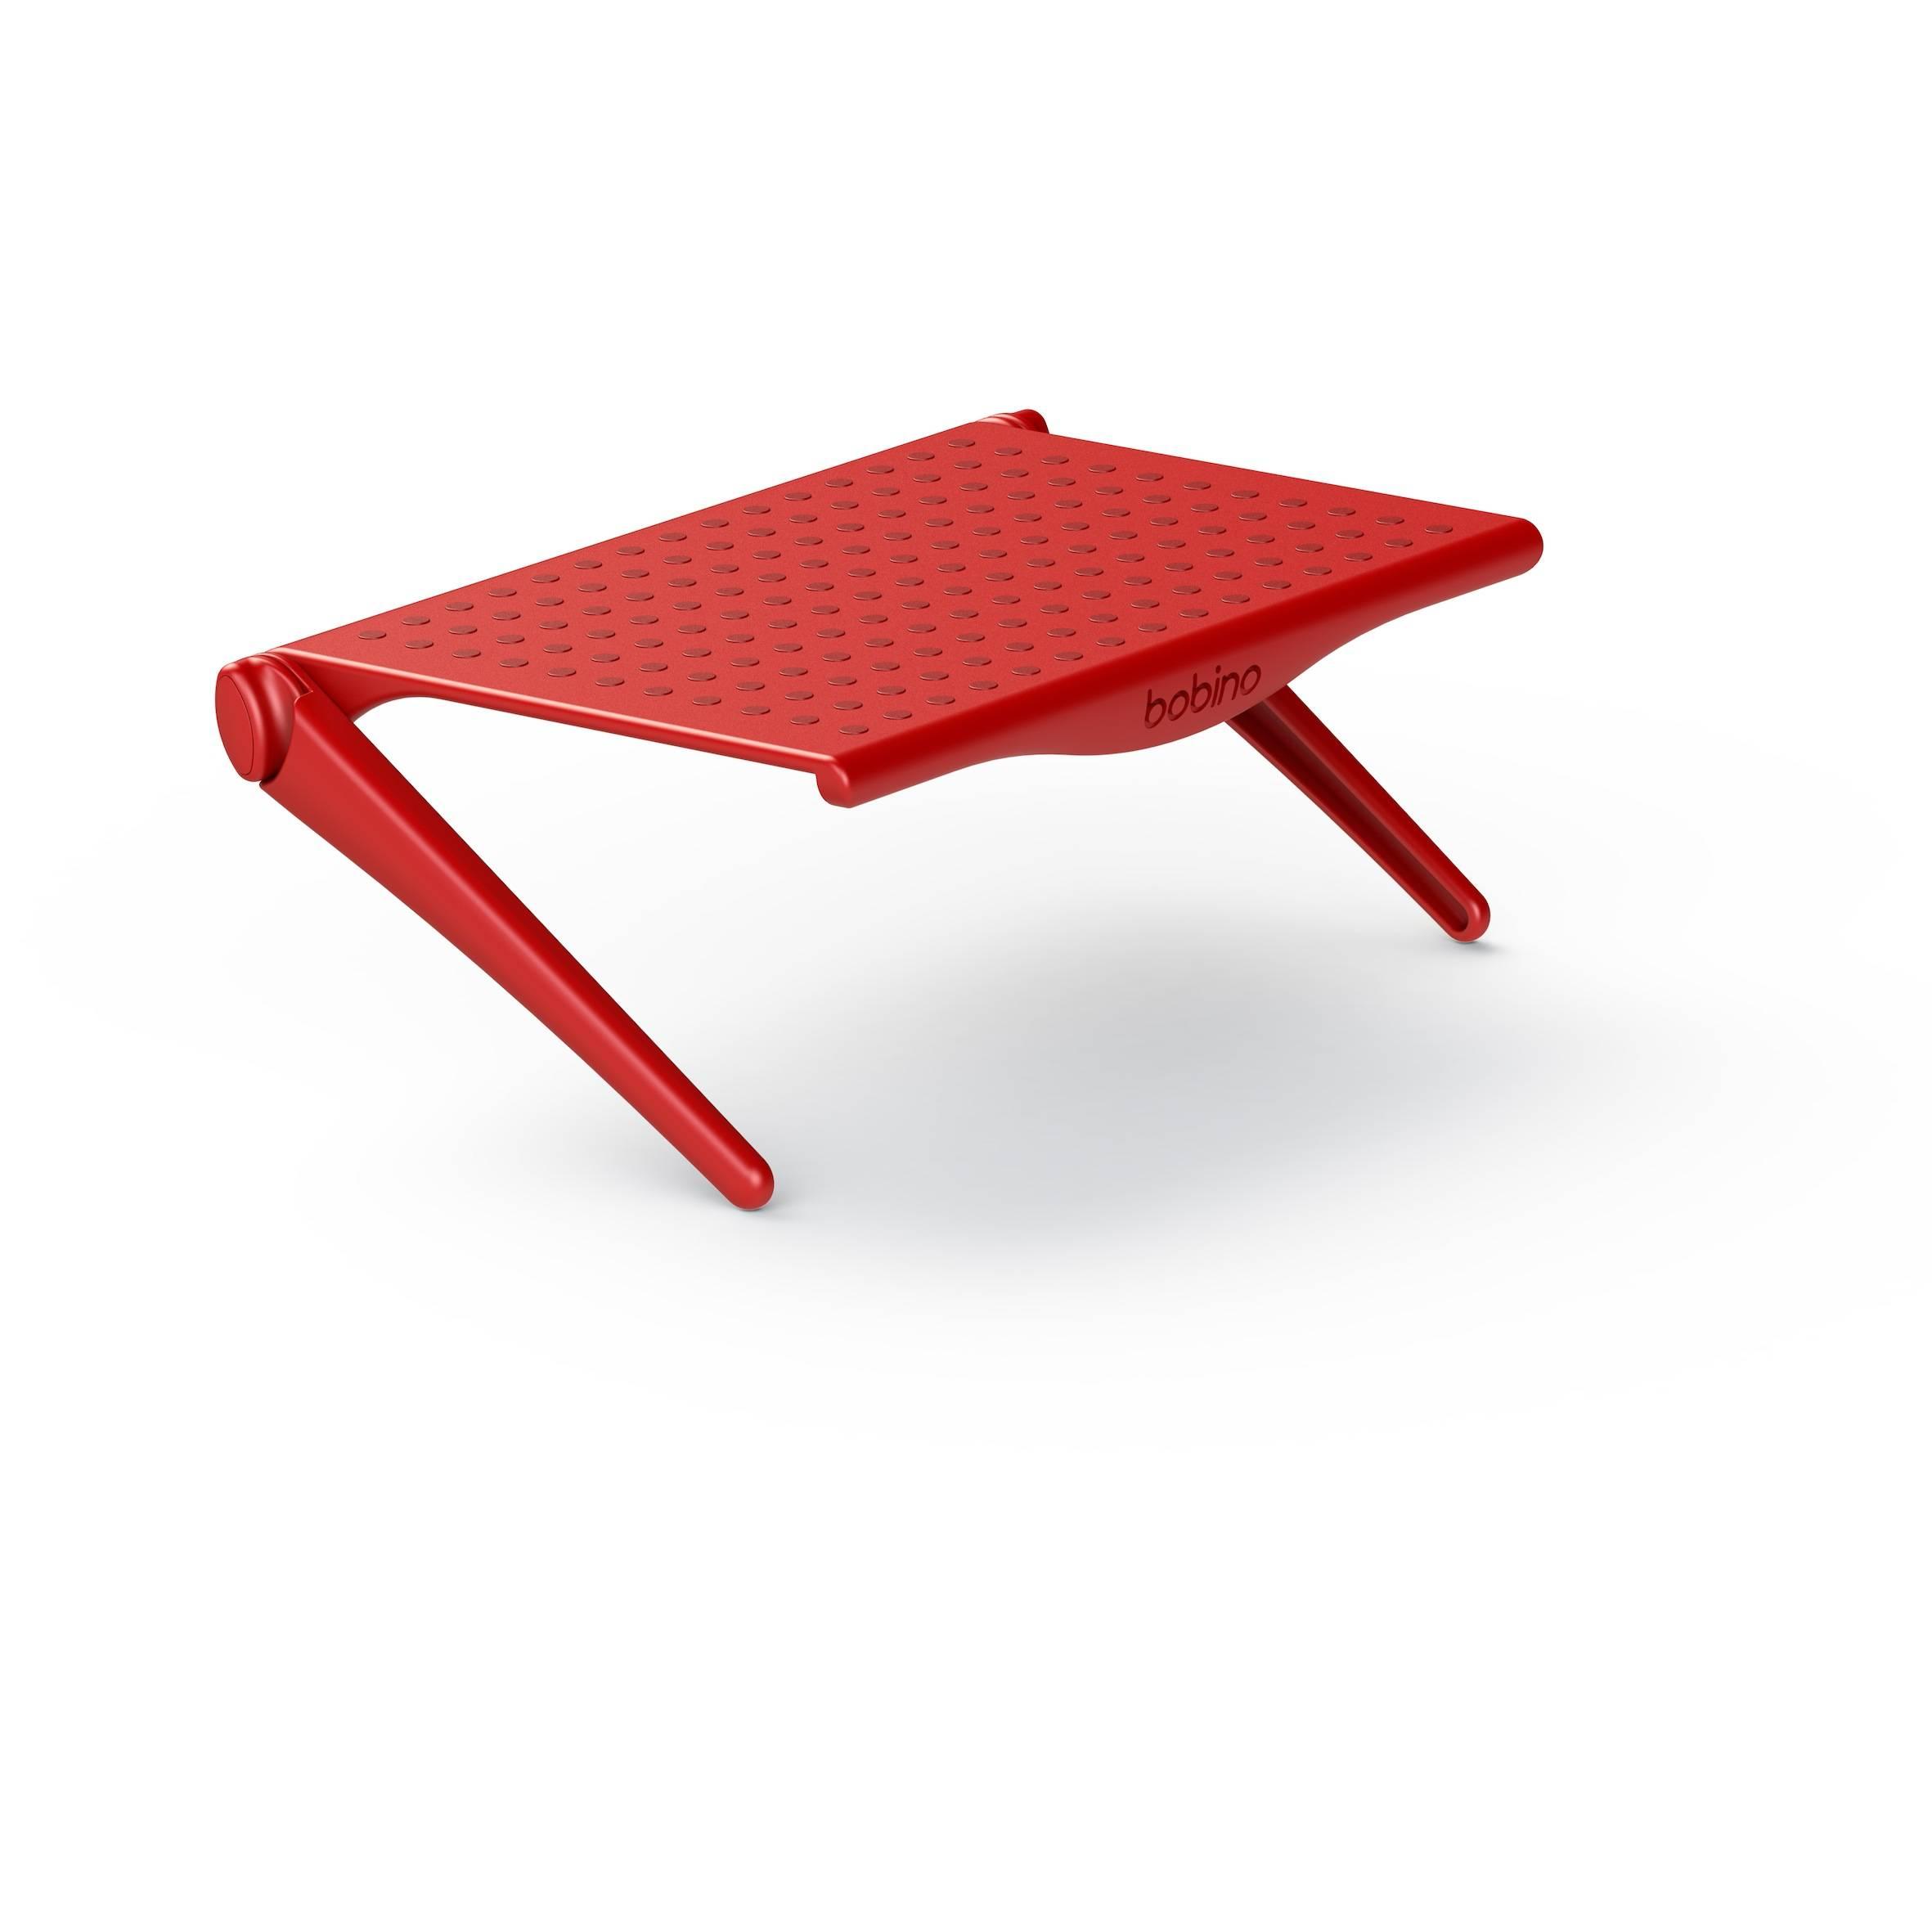 Skærm hylde - Screen Shelf (Rød)